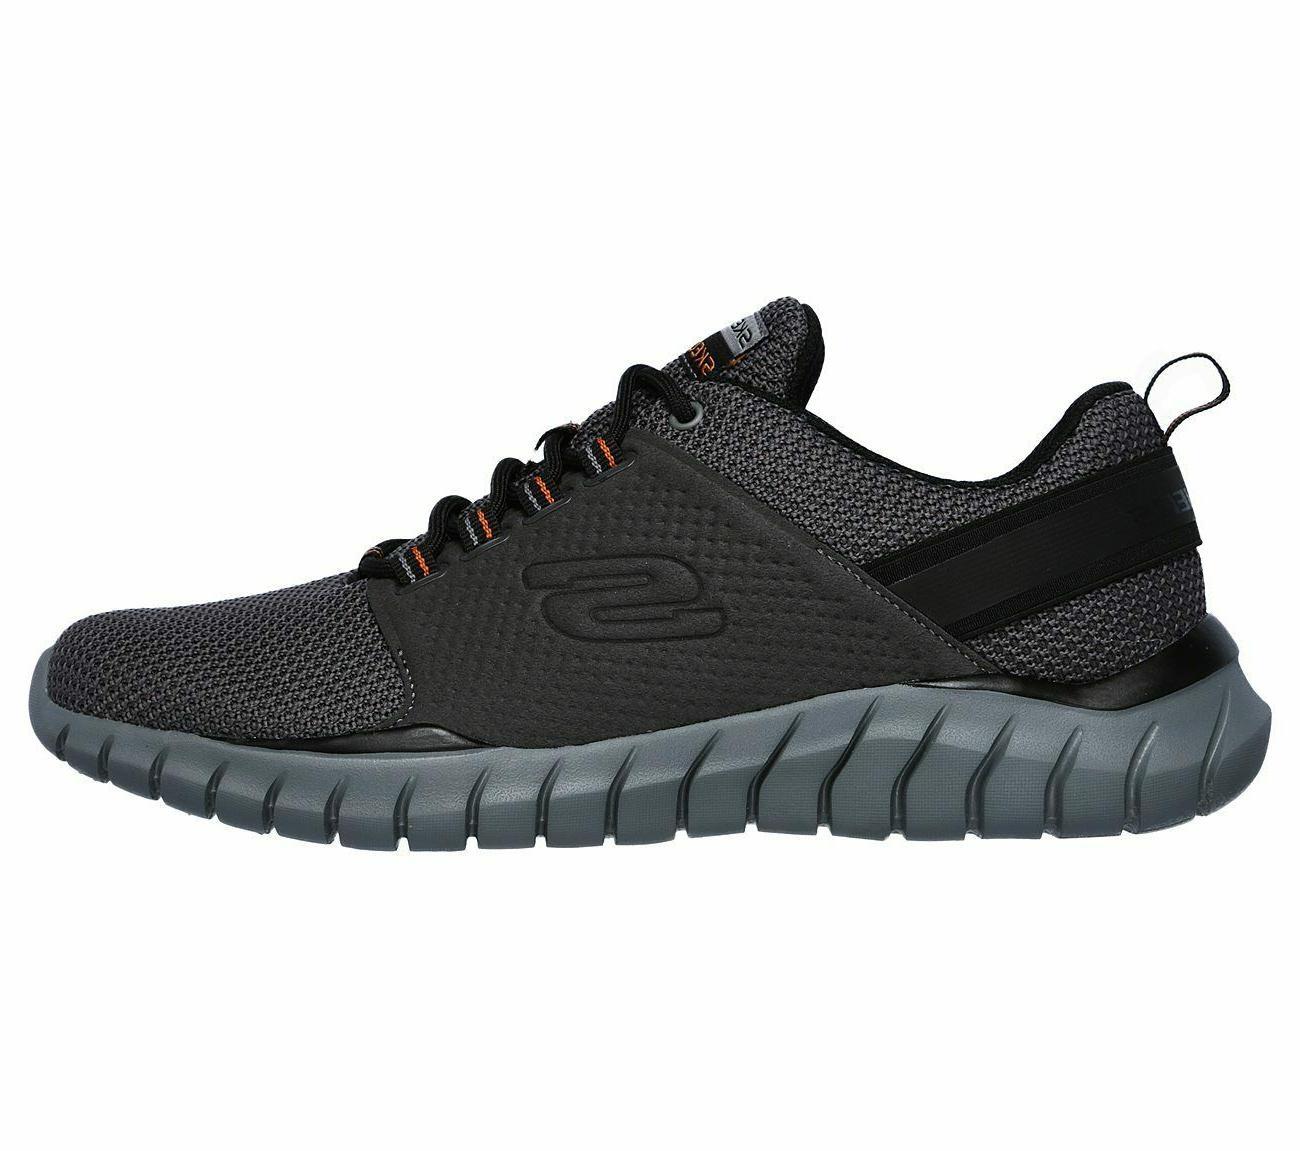 52821 Skechers shoes Foam Mesh